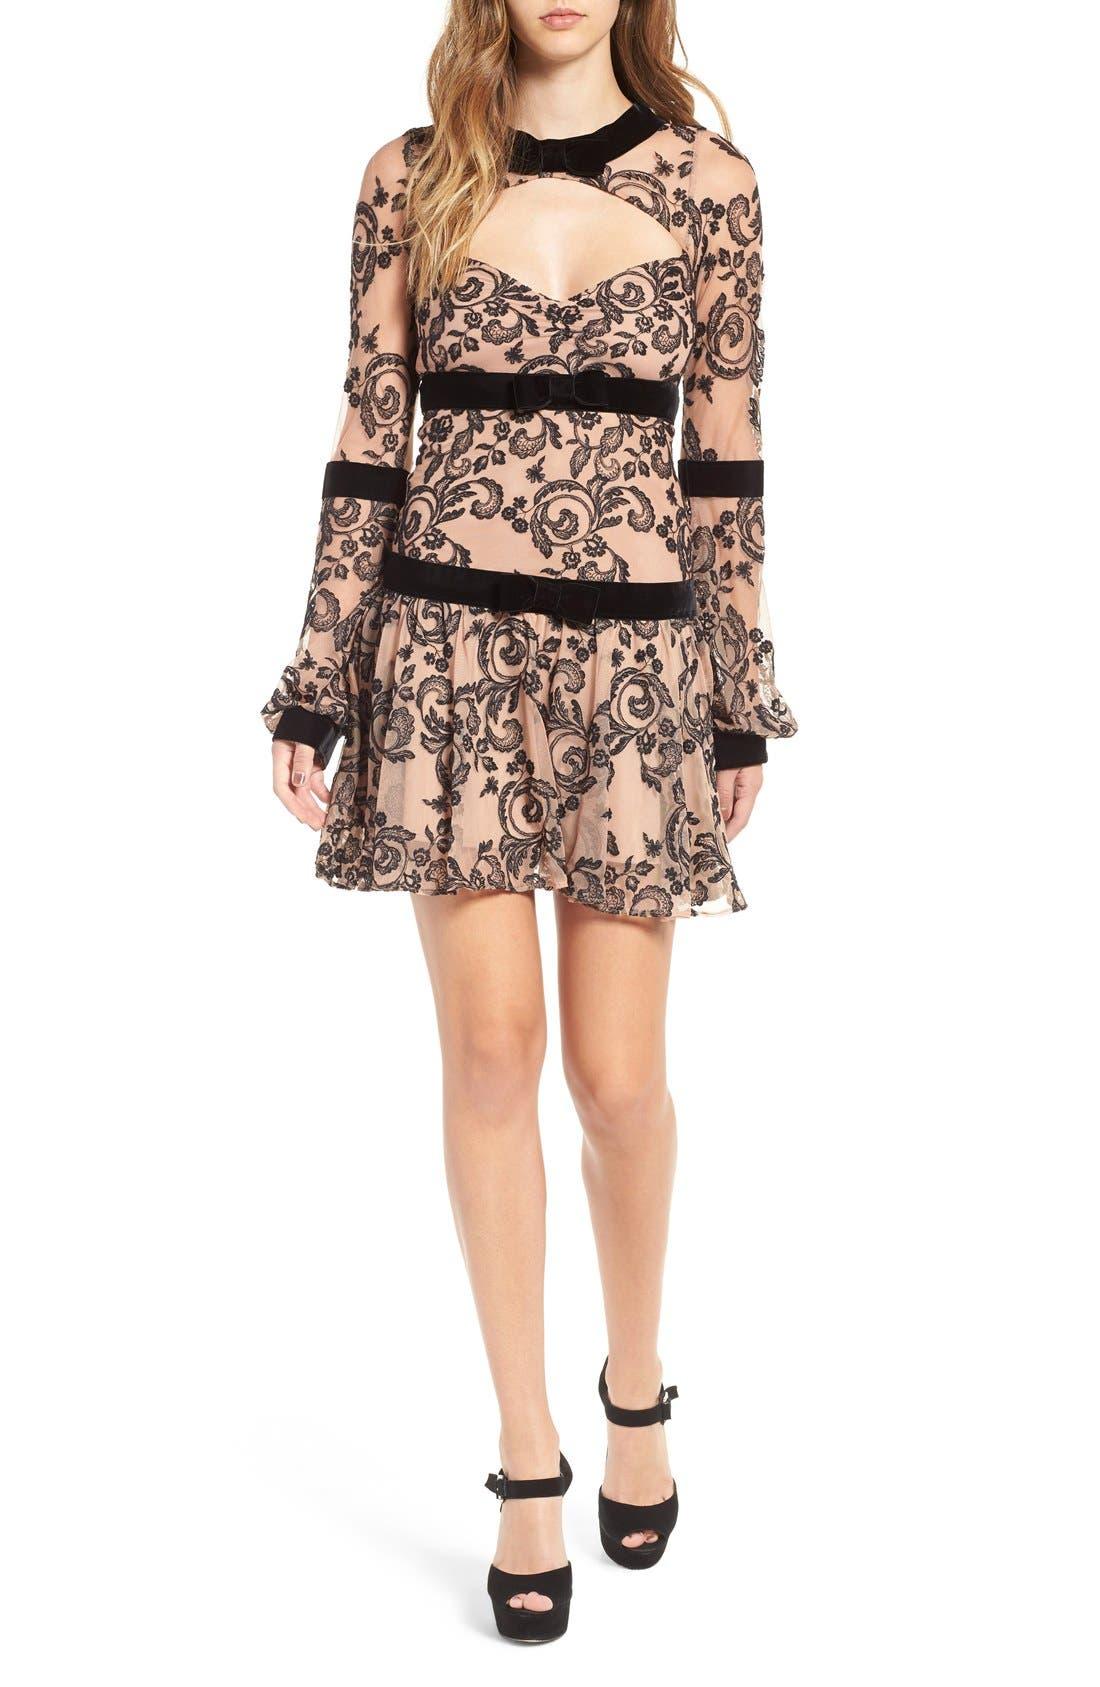 Main Image - For Love and Lemons Clemence Minidress